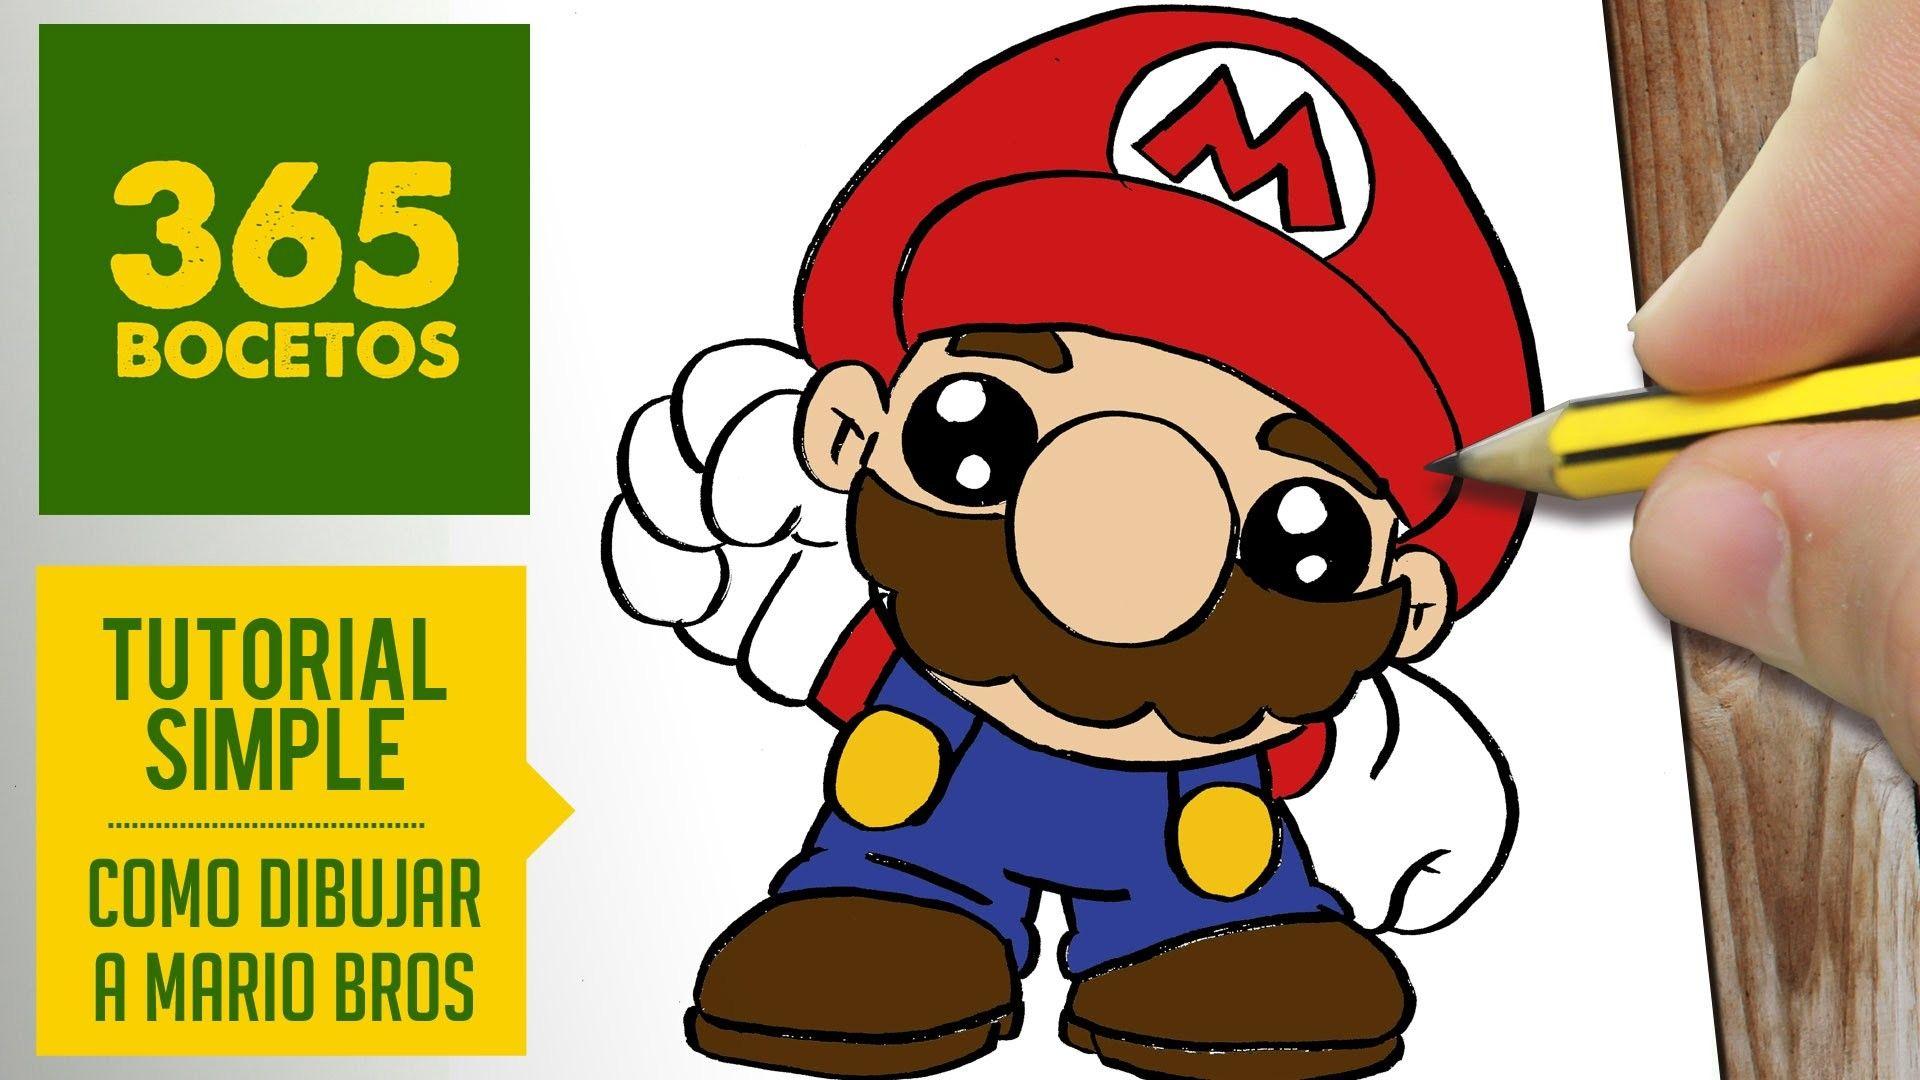 Como Dibujar A Mario Bros Kawaii Paso A Paso Dibujos Kawaii Faciles How To Draw Mario Bros Dibujos Kawaii Dibujos Kawaii Faciles Dibujo Paso A Paso